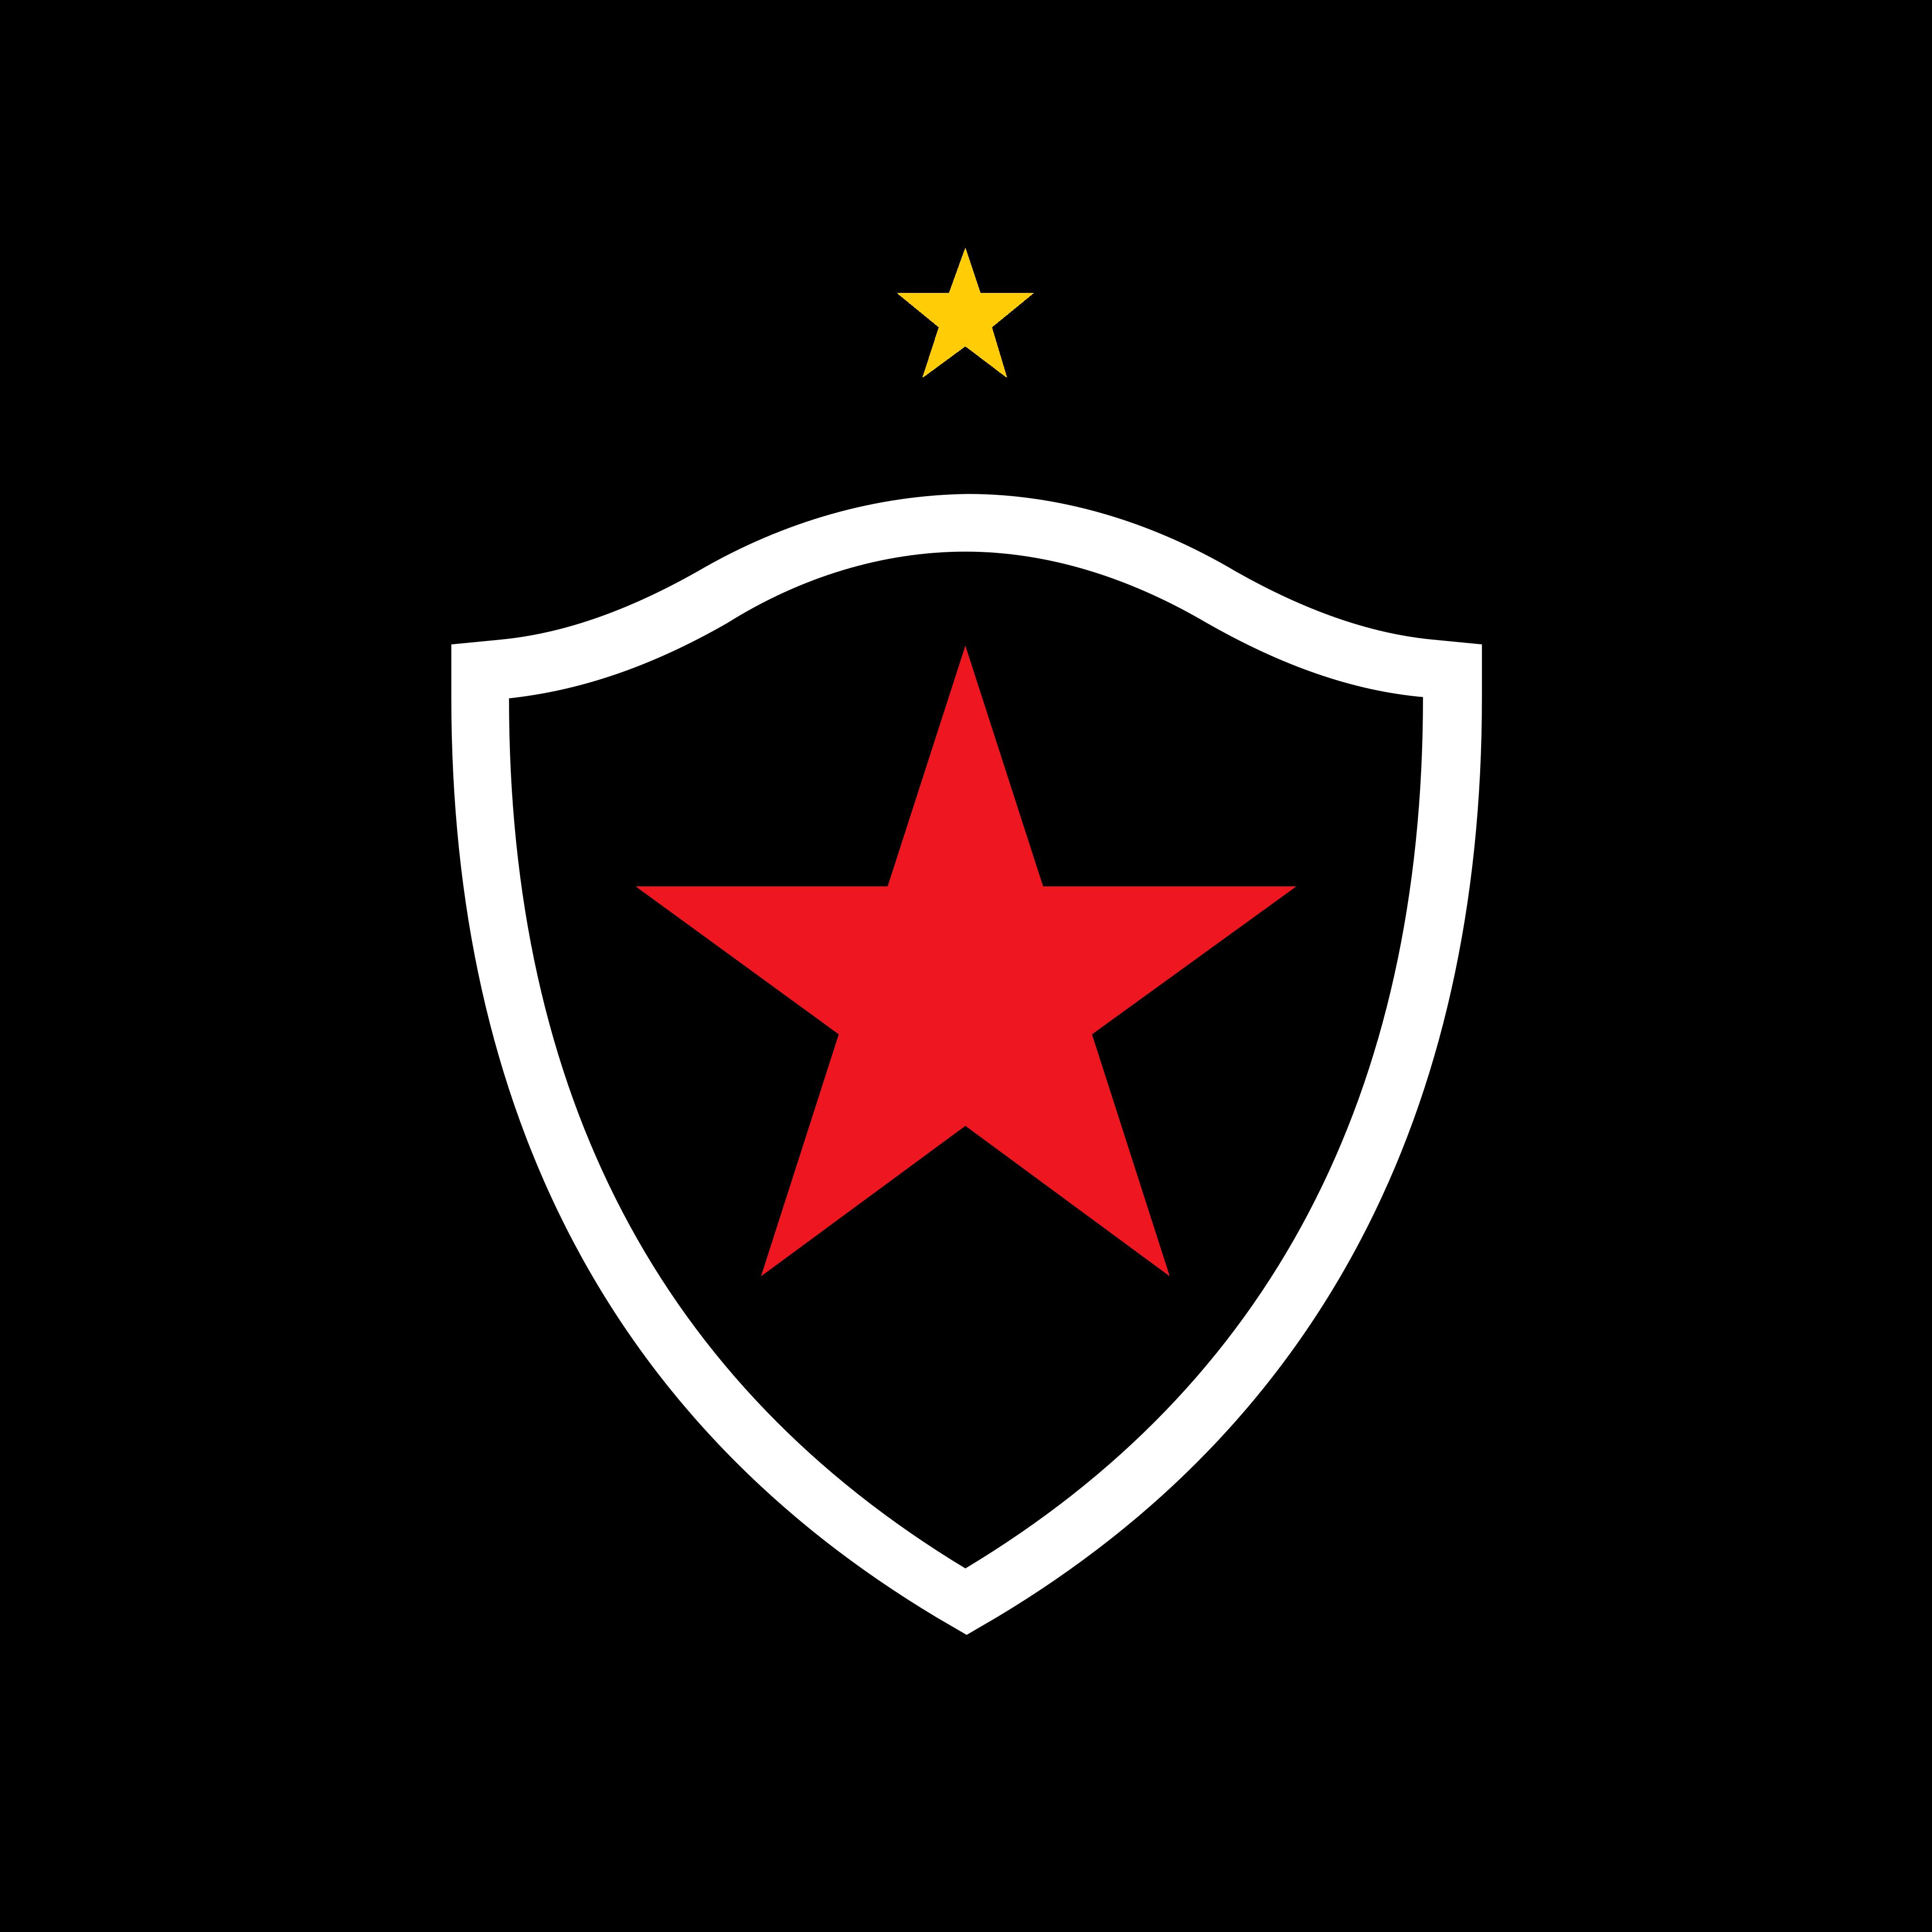 botafogo paraiba logo 0 - Botafogo da Paraíba Logo - Escudo